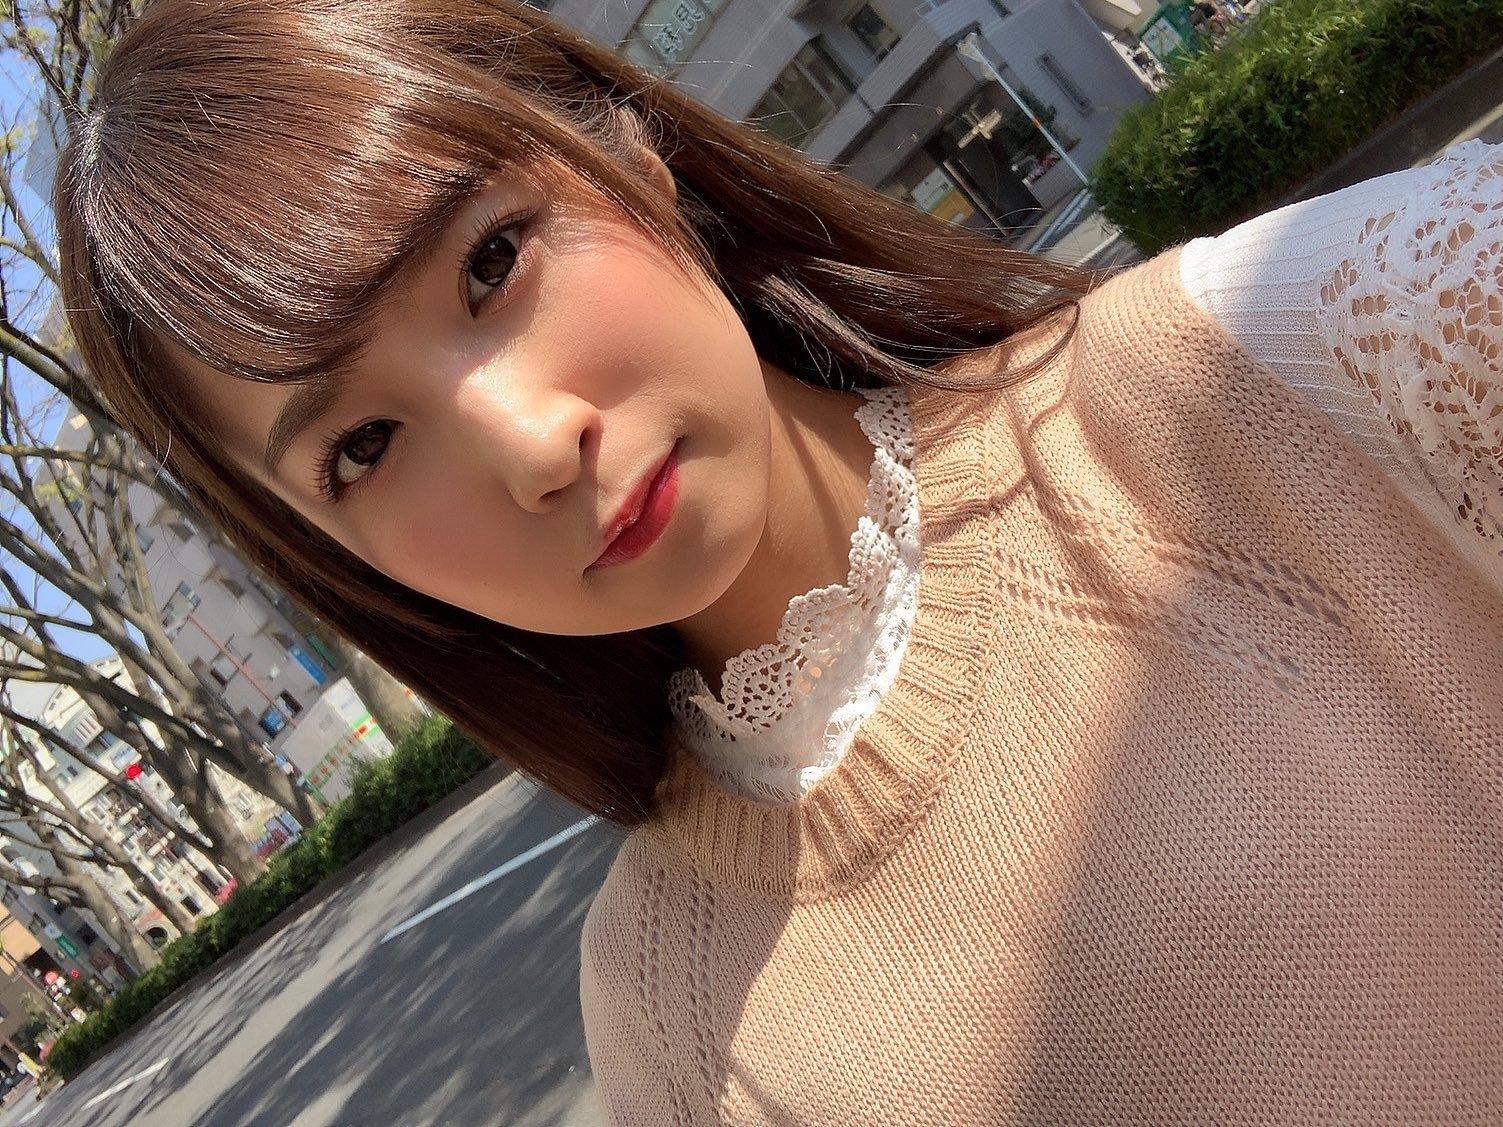 Noa_Eikawa 1248086603358060544_p0